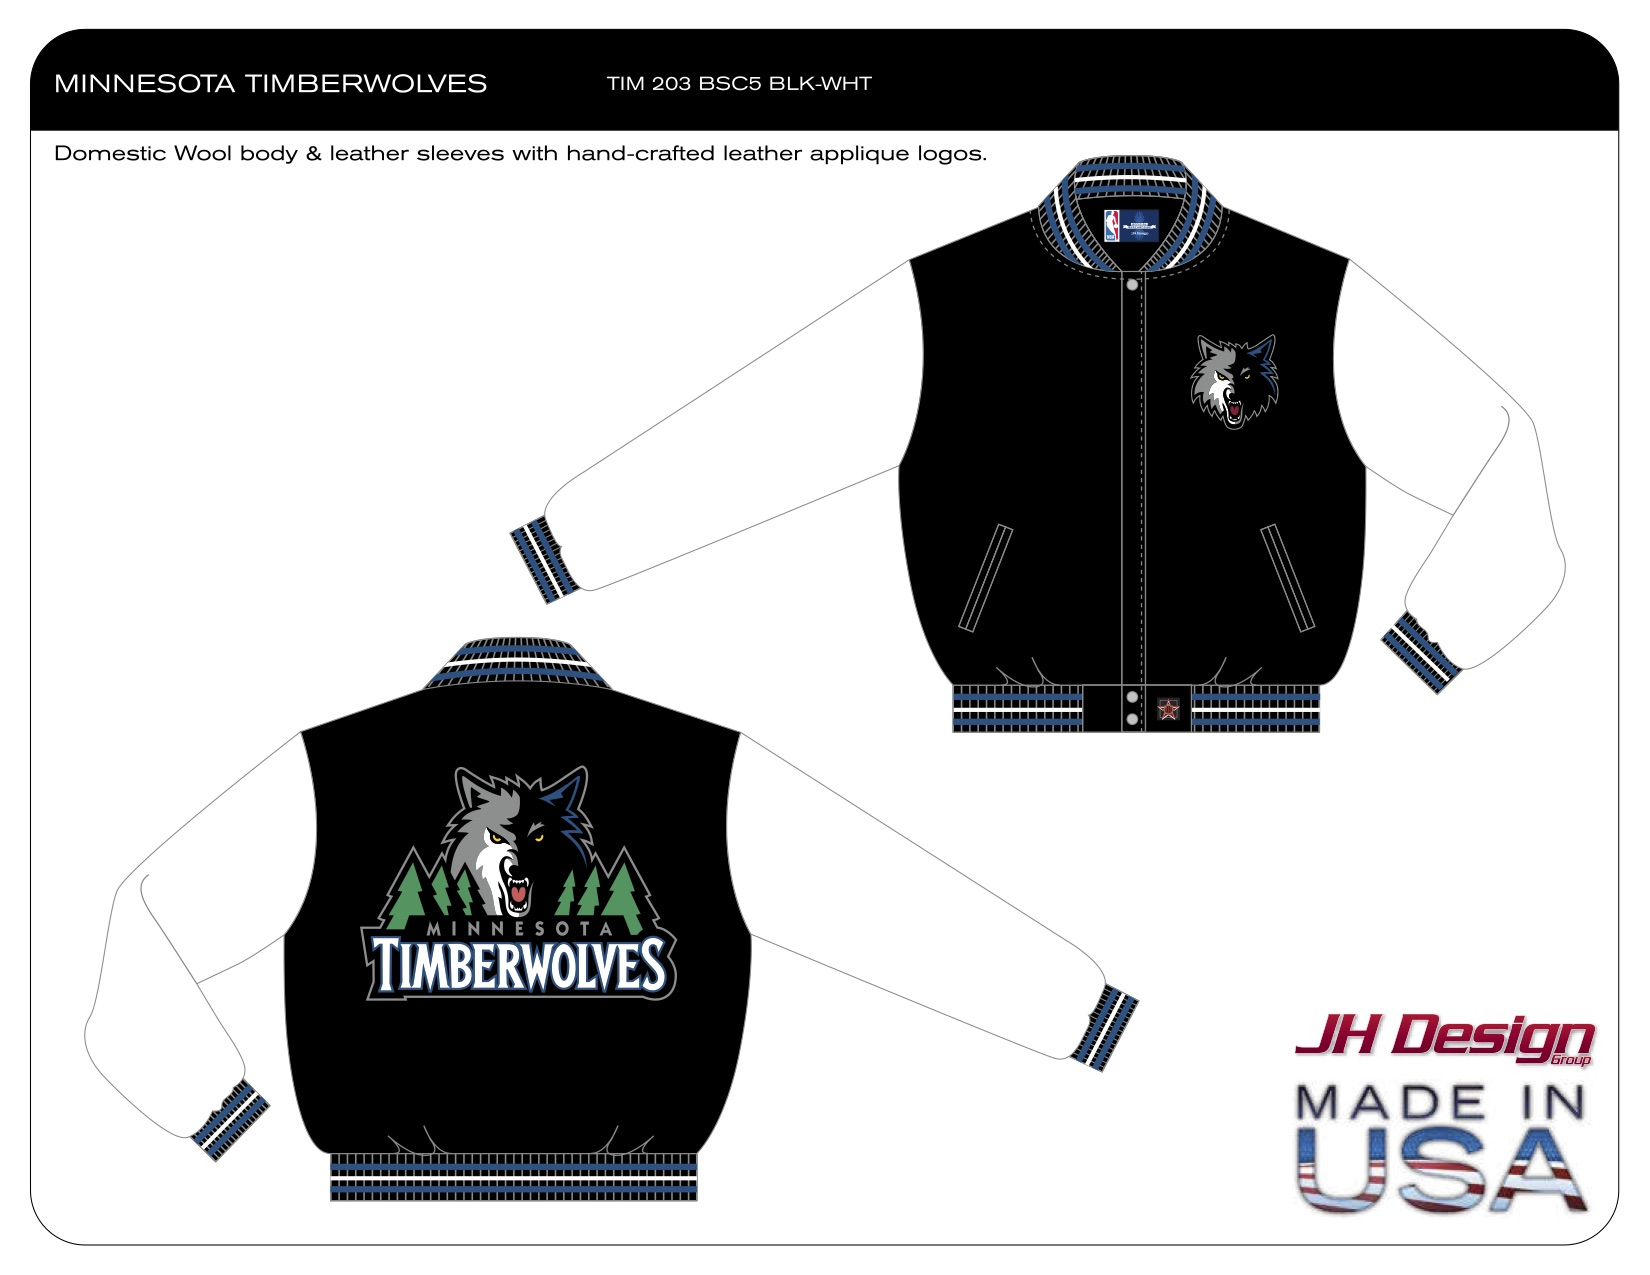 TIM 203 BSC5 BLK-WHT